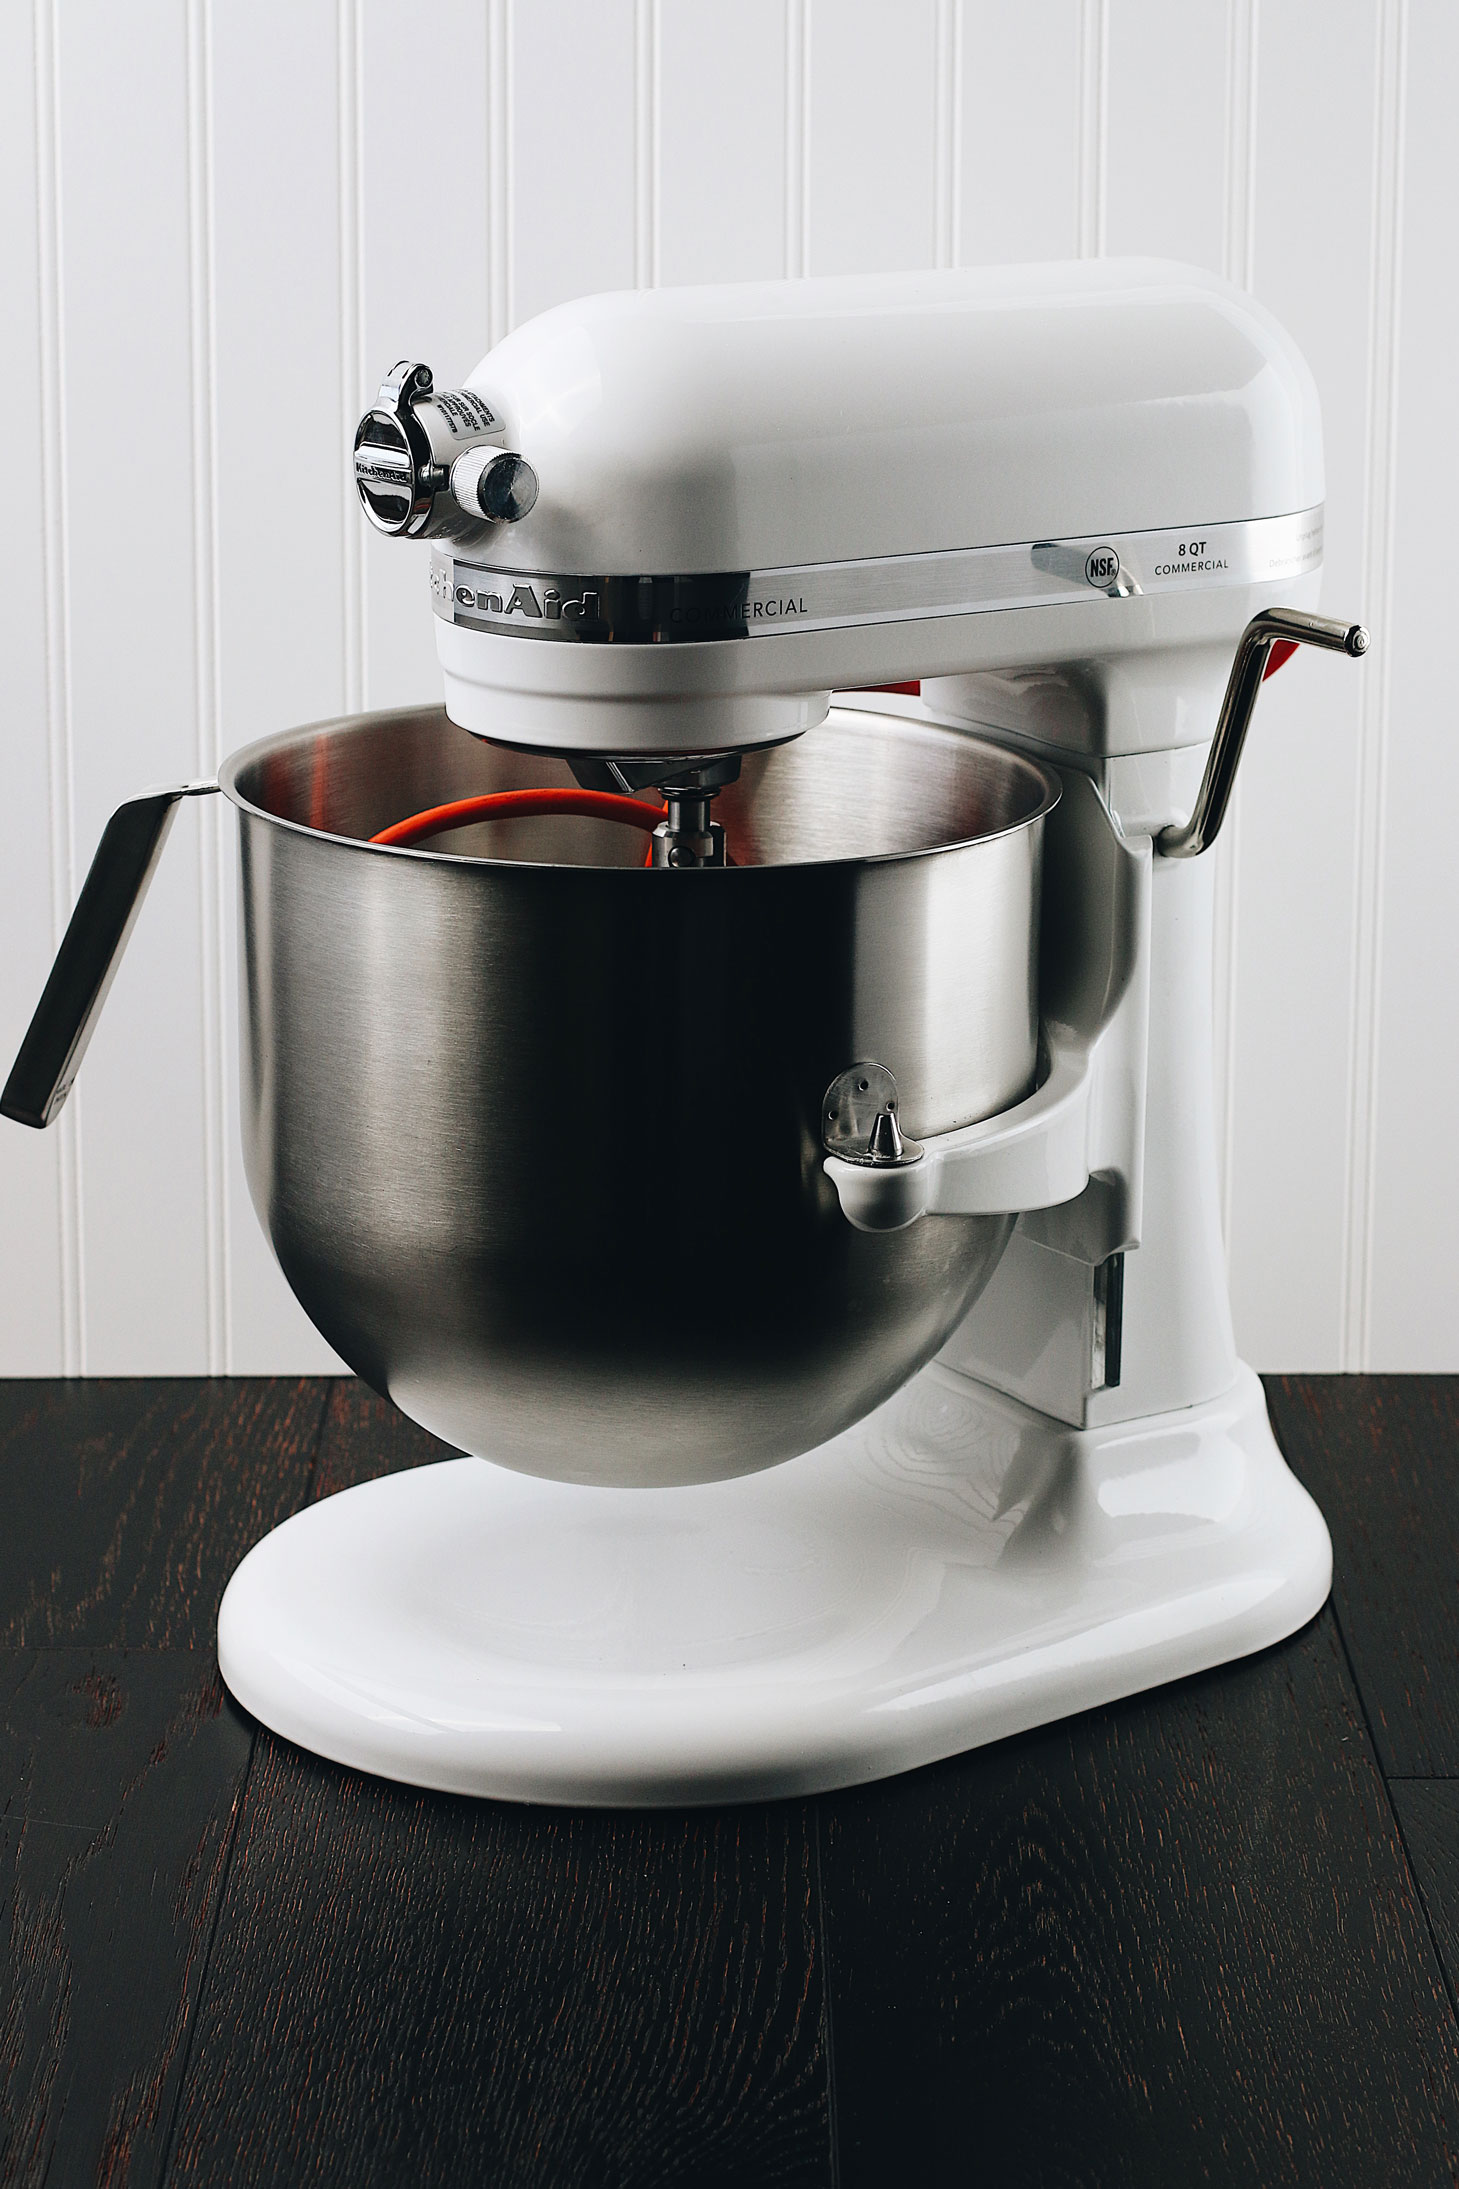 herbakinglab-new-kitchen-aid-commercial-mixer-white